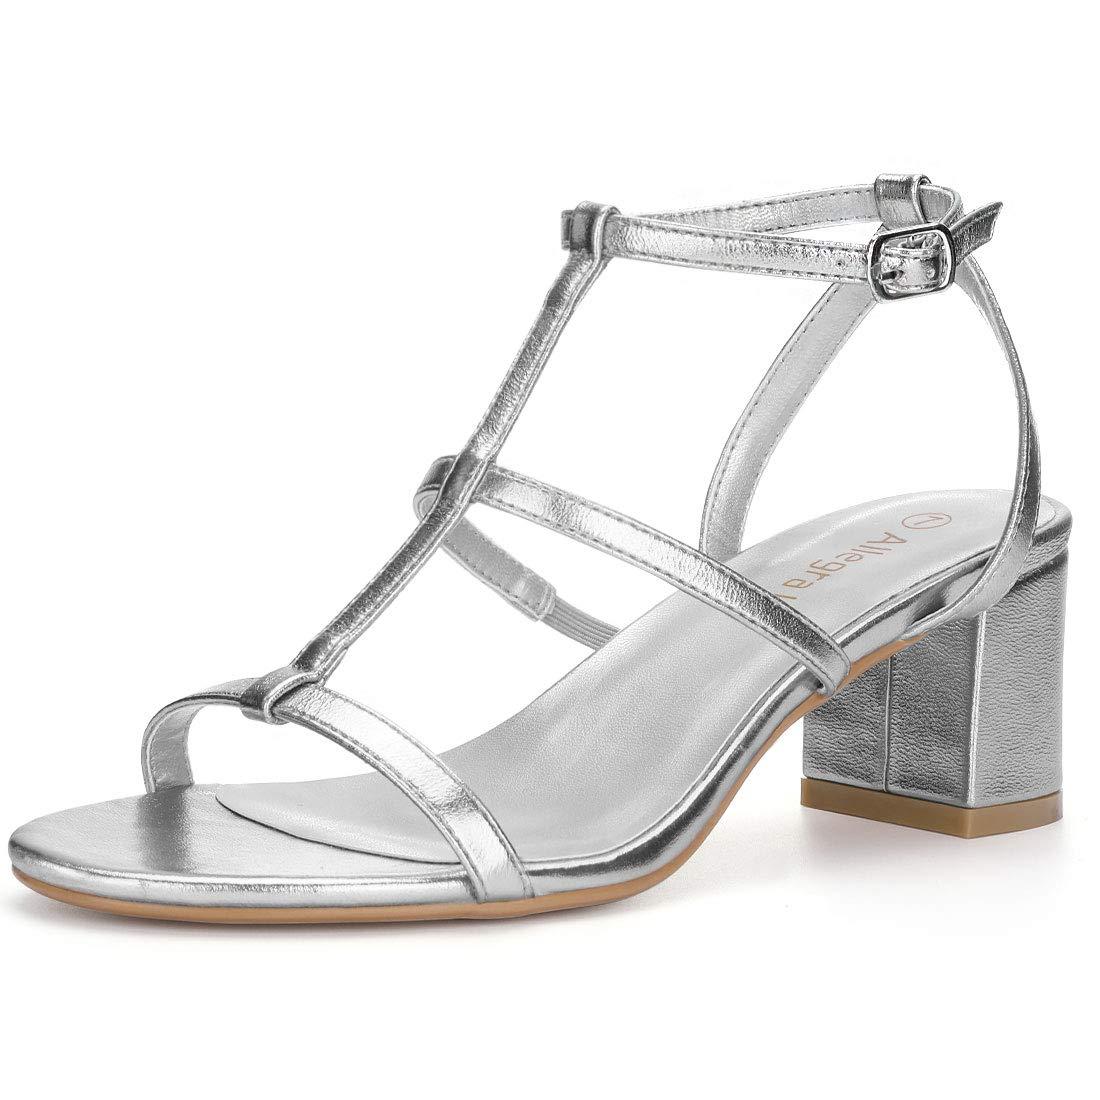 Allegra K Women's Open Toe T-Strap Block Heel Silver Sandals - 9 M US